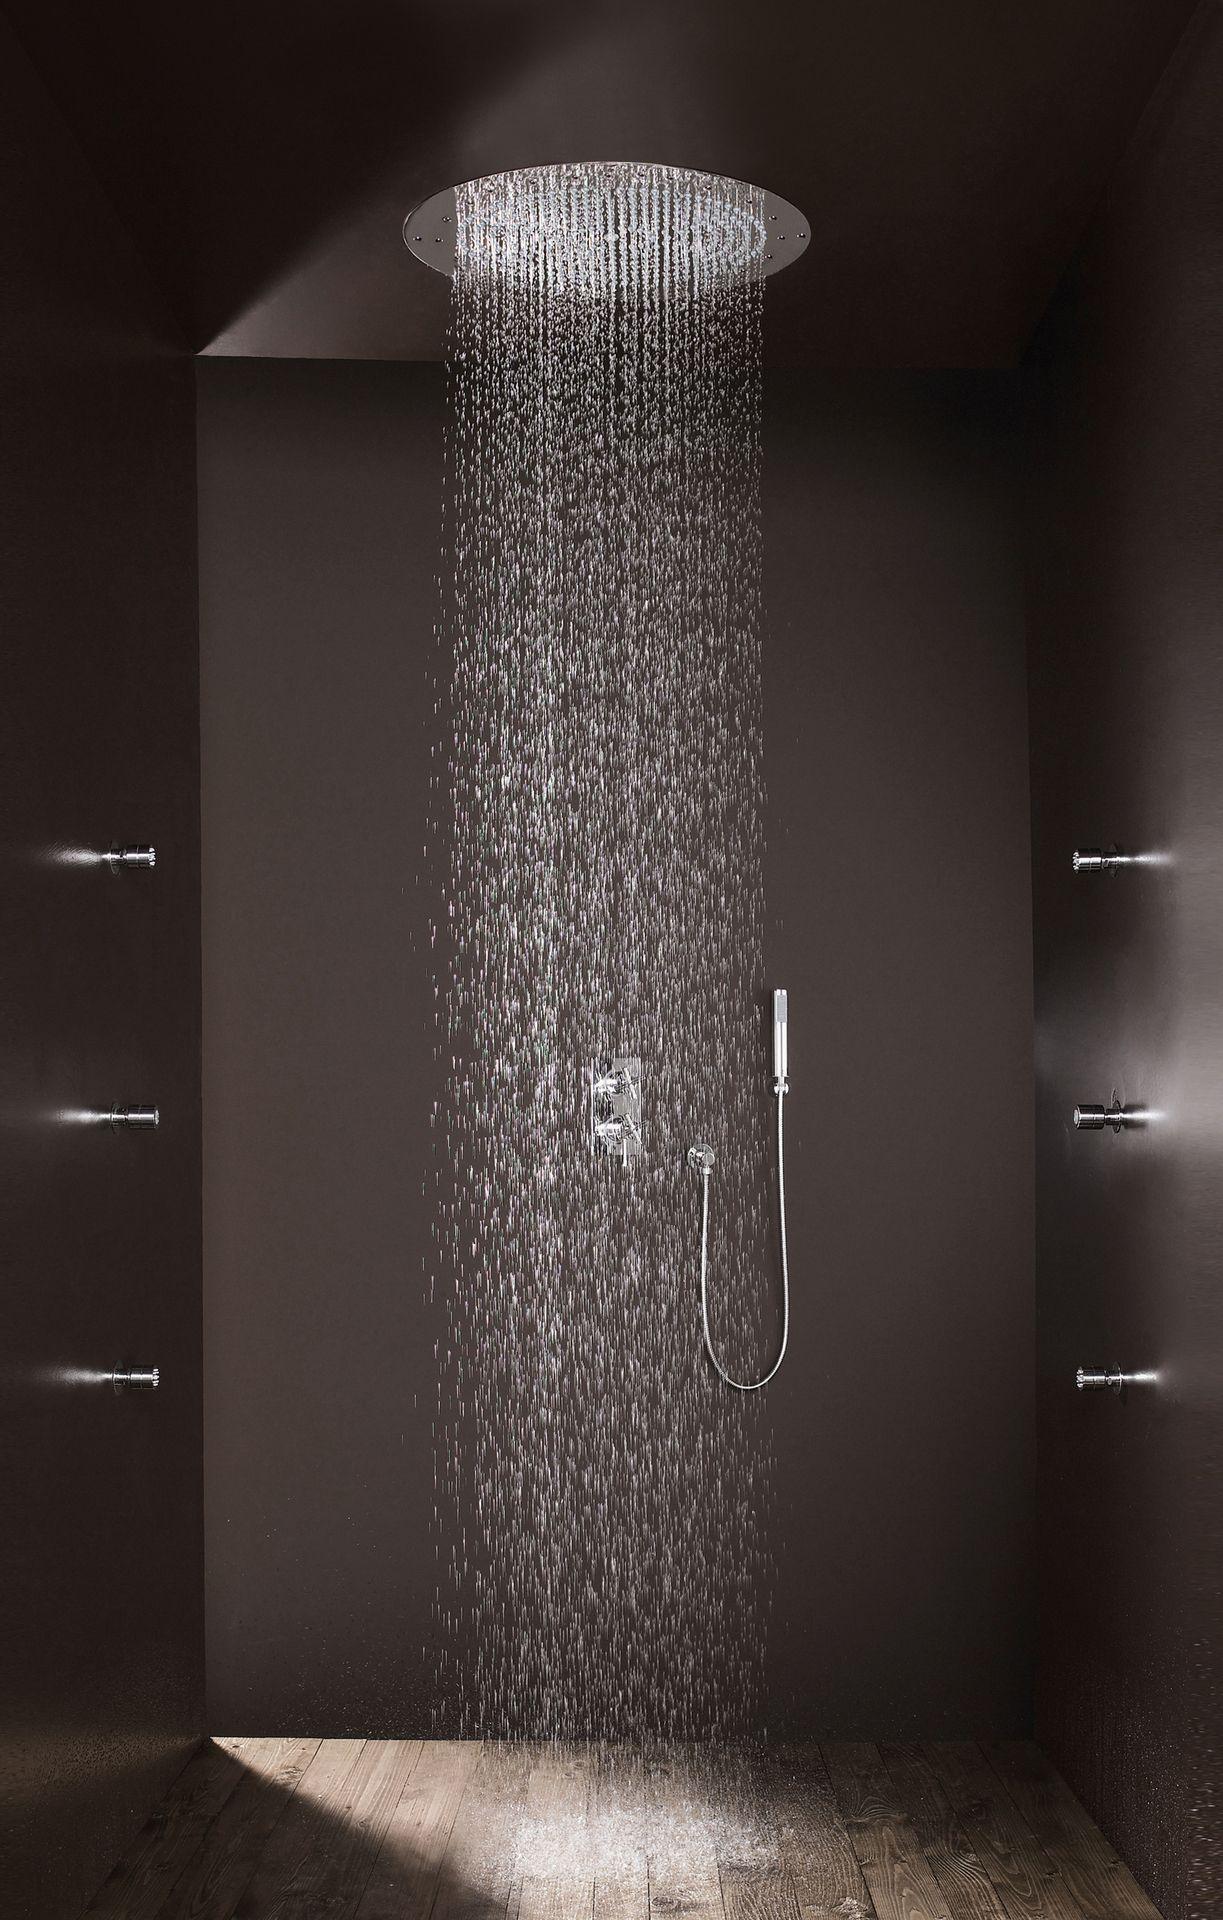 opvallend is ook de houten vloer in de douche iets dat je niet